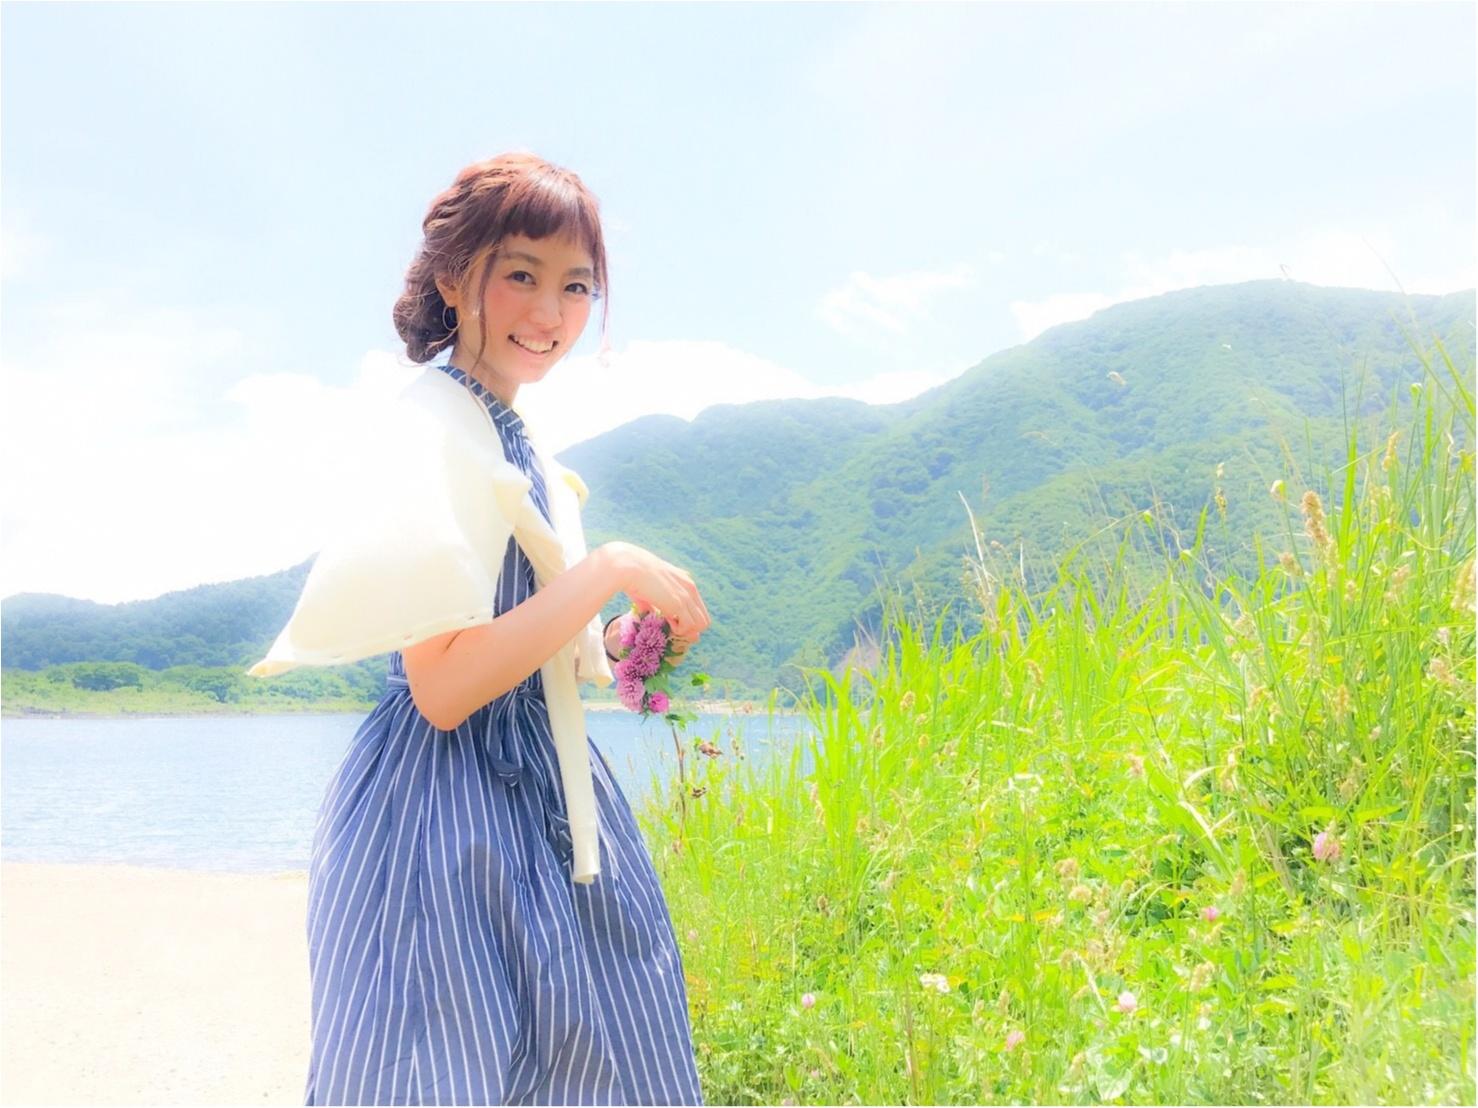 2017夏のトレンド☆ストライプ柄☆Flower Daysのストライプ柄のワンピースがかわいい♡_1